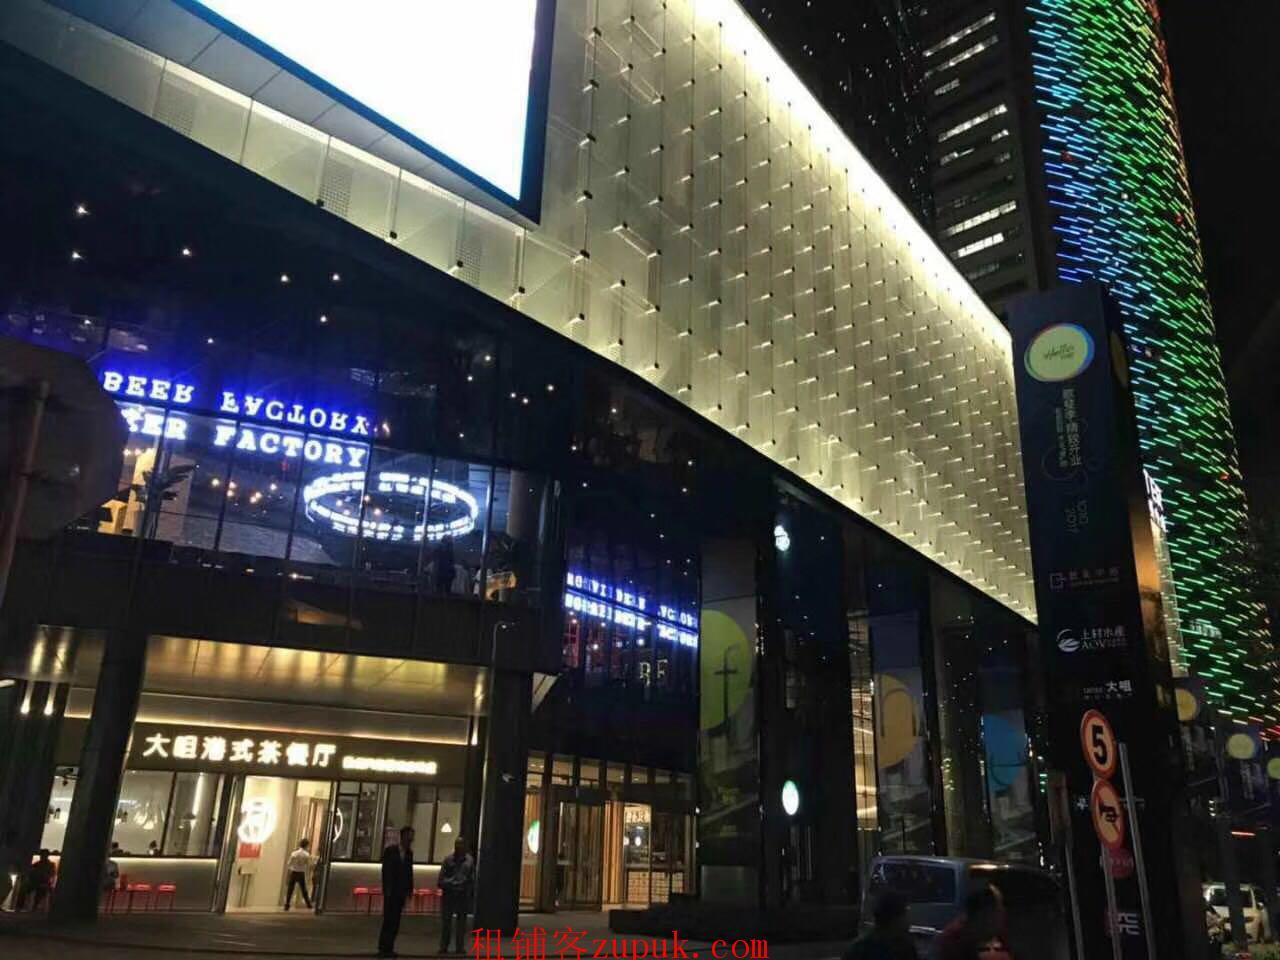 黄浦区蕞大写字楼办公商圈,已有2.5万人办公,餐饮门面招租